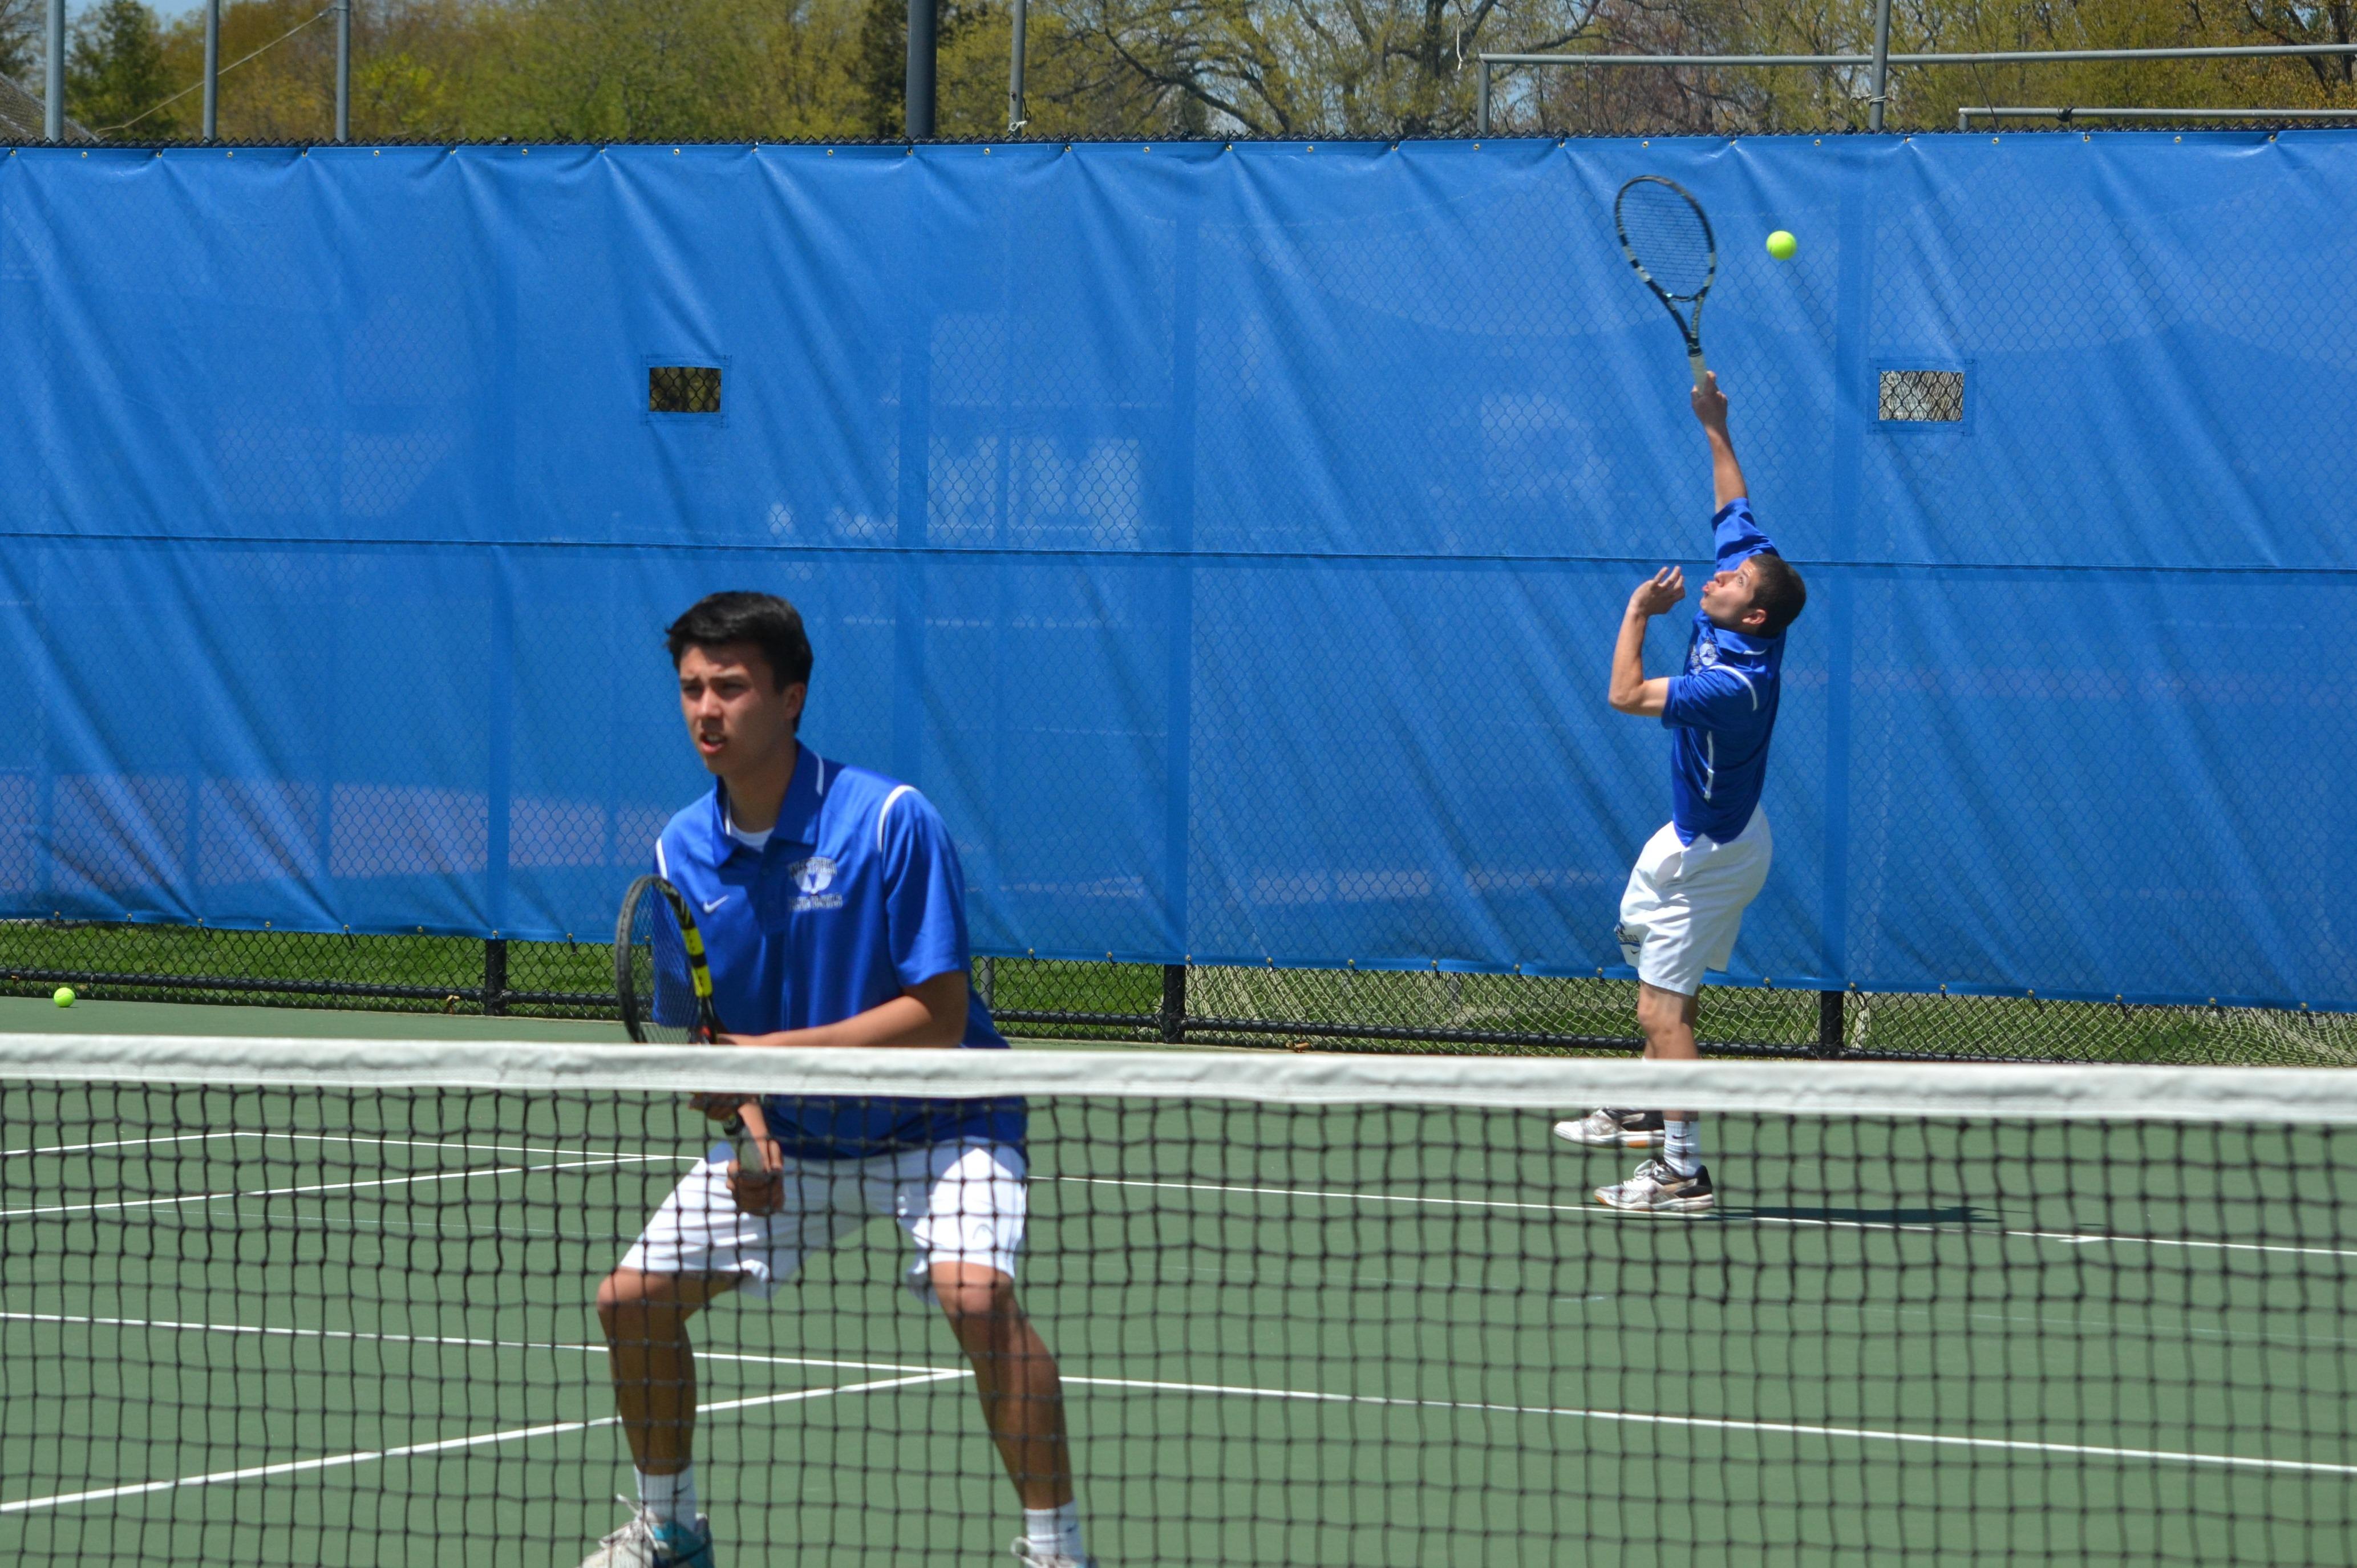 c94377dd01d43a639b6e_tennis.jpg